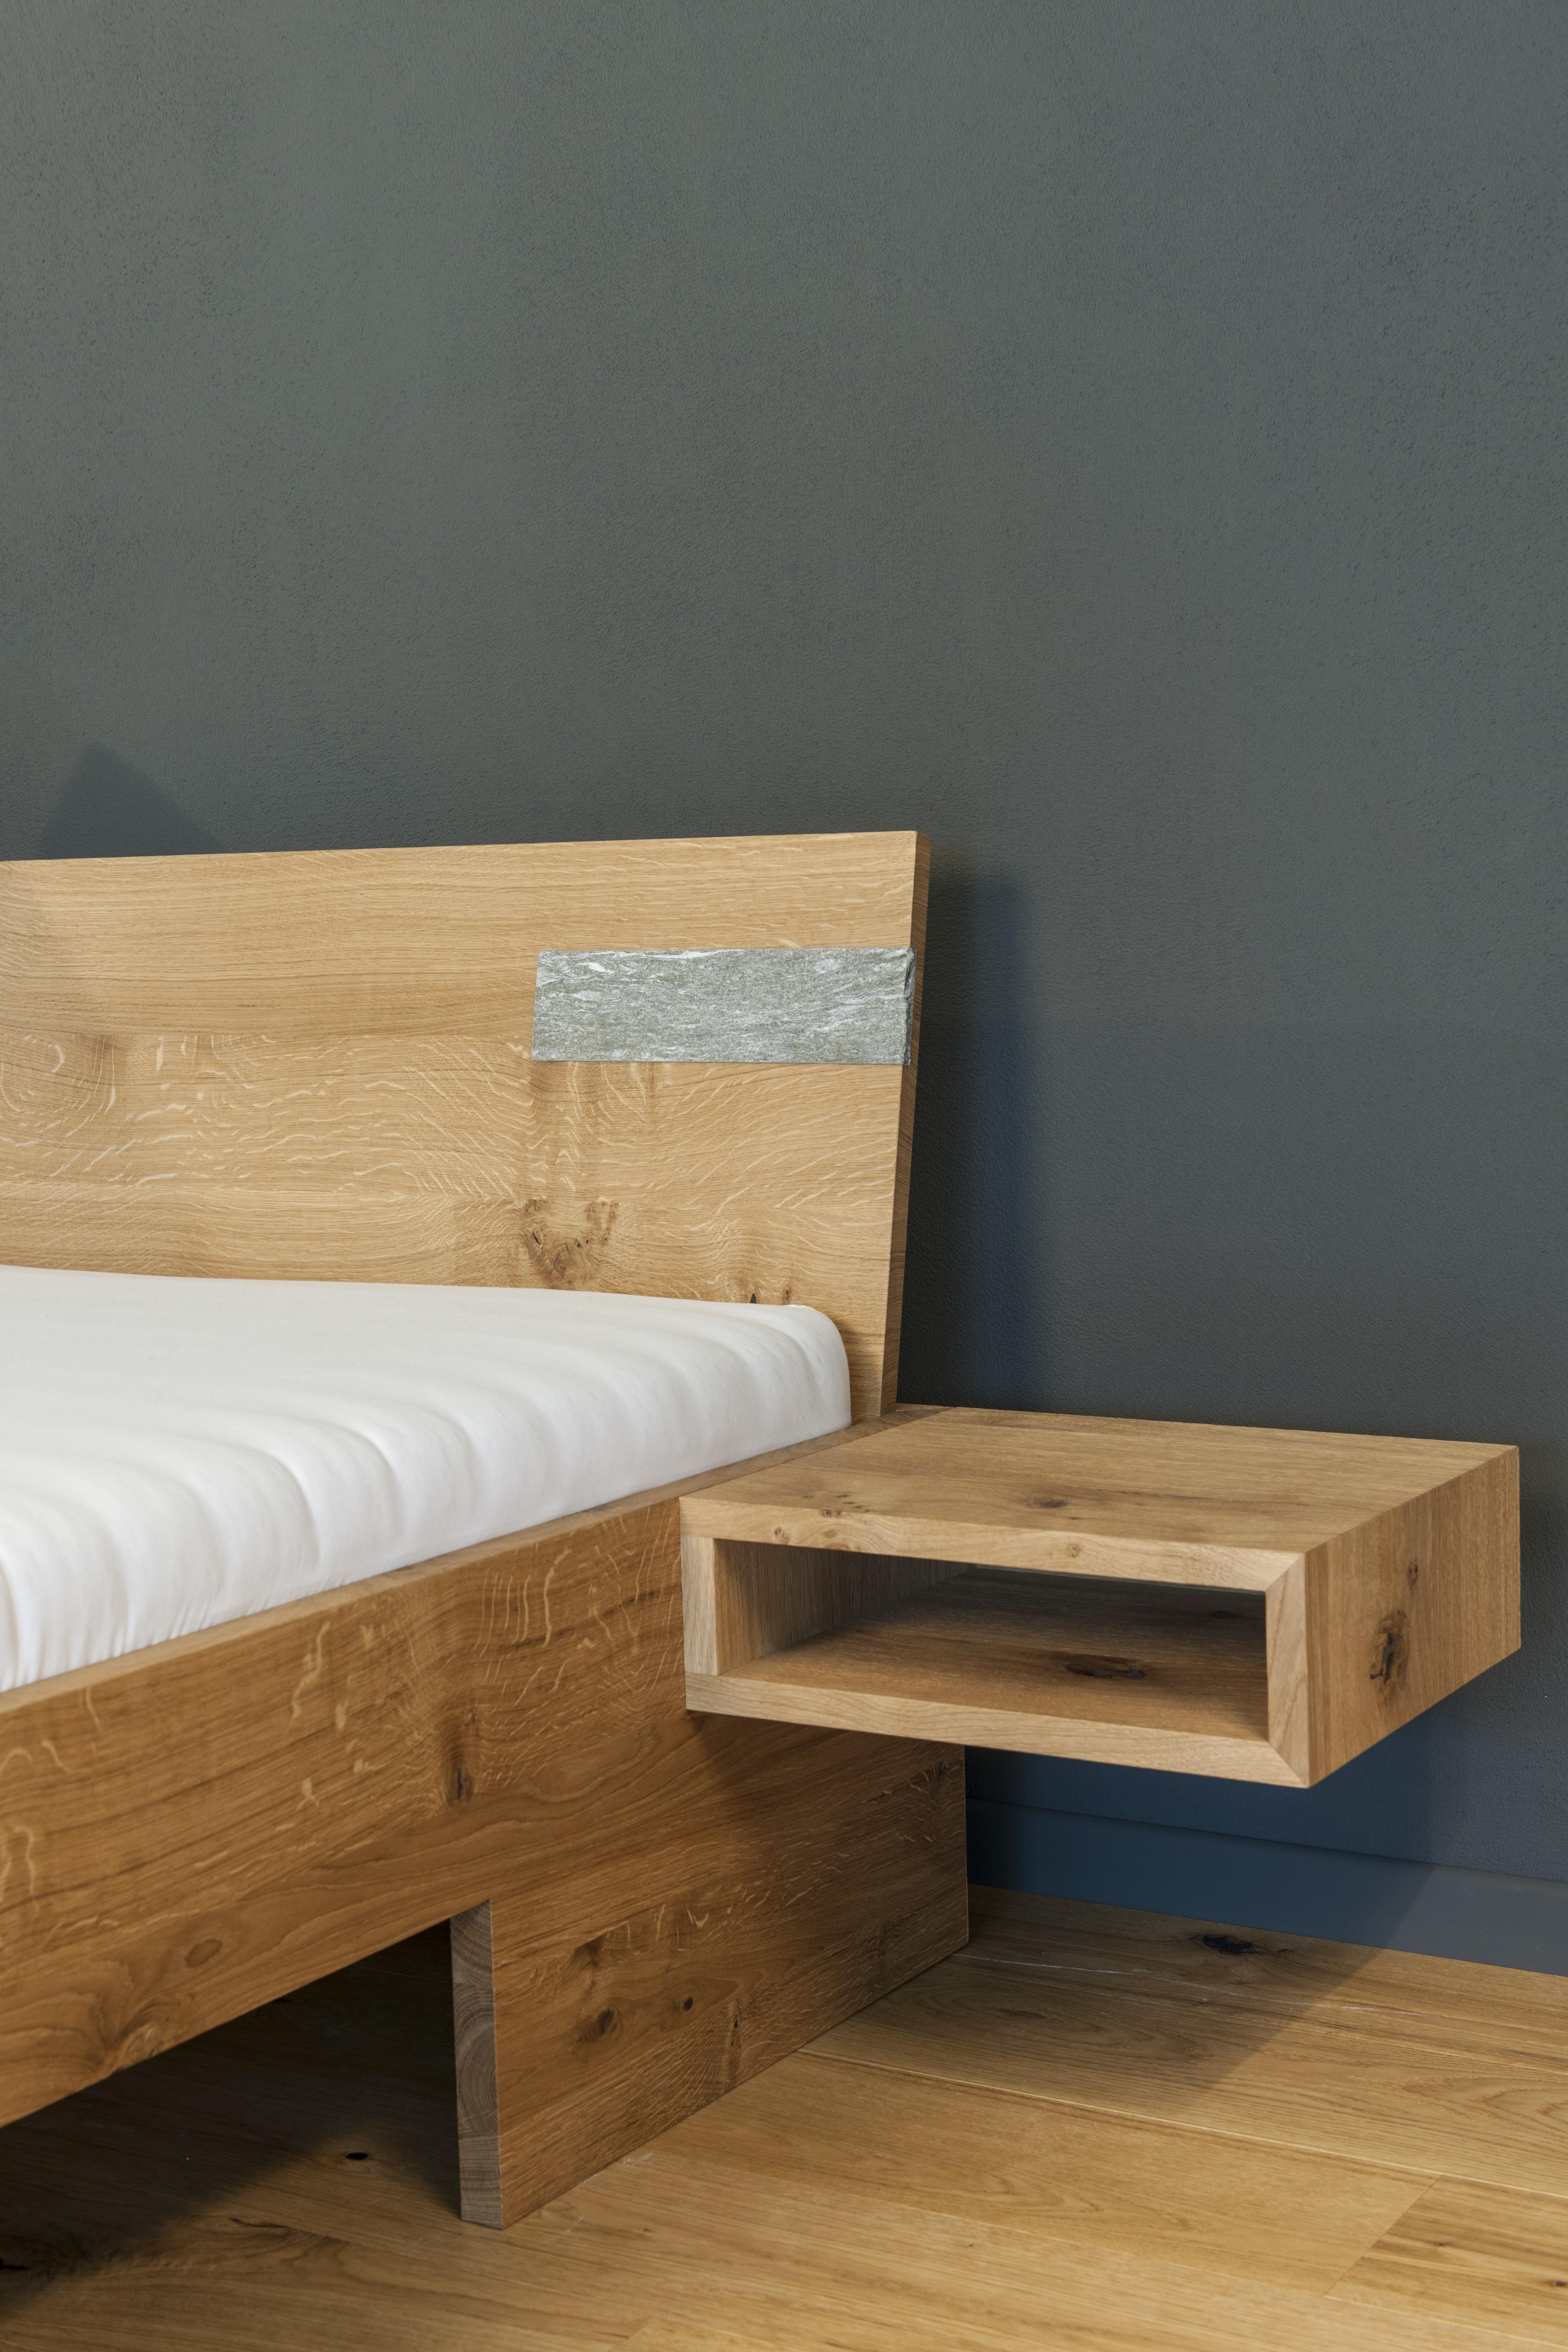 betten mit hoher rckwand affordable ruckwand bett selber bauen kopfteil fa r bett aus selber. Black Bedroom Furniture Sets. Home Design Ideas